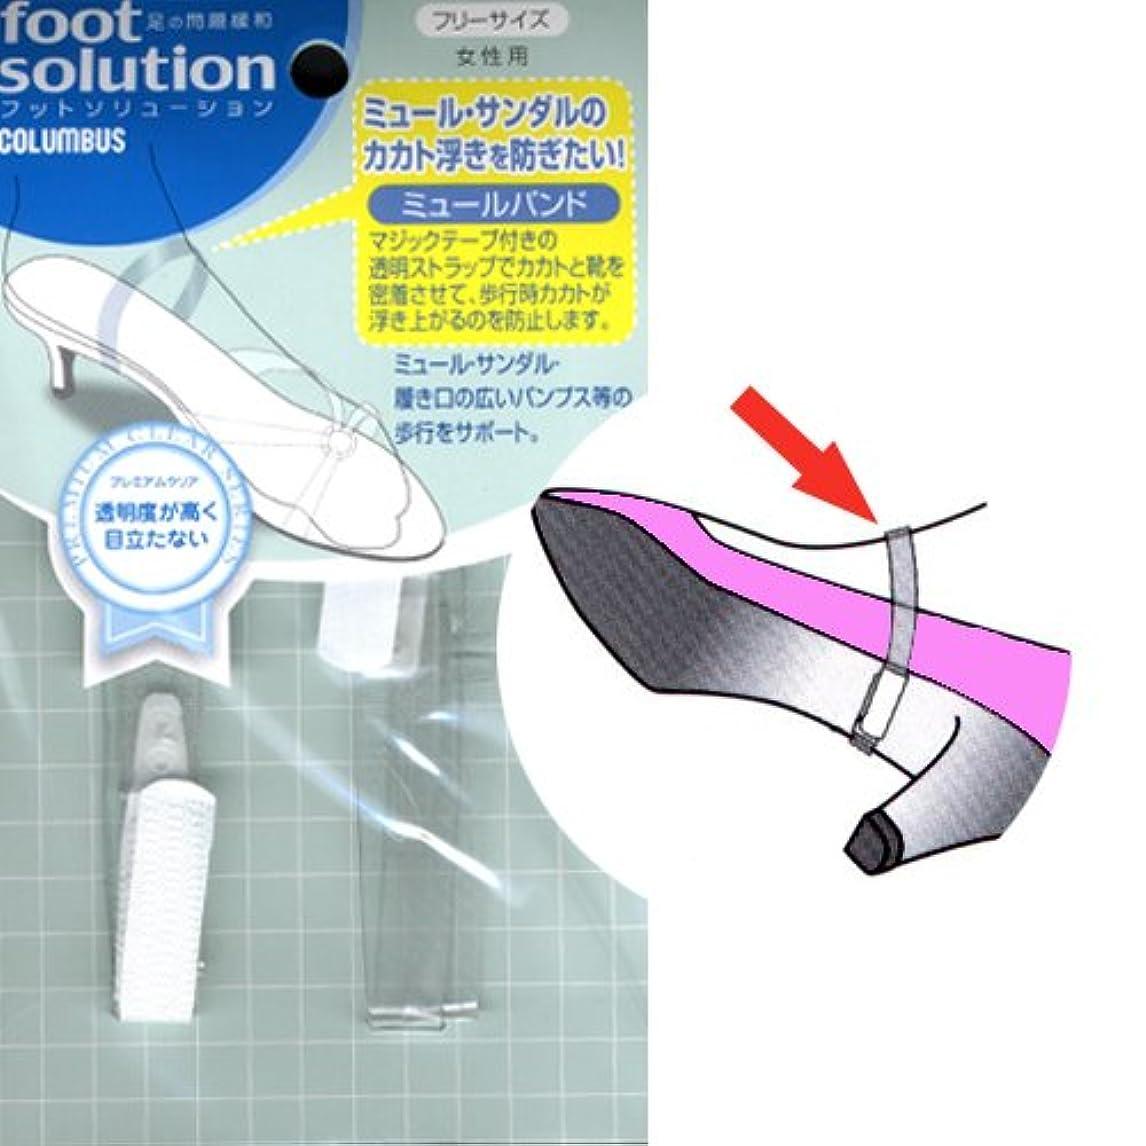 構成する宣伝トランスペアレントフットソリューション(footsolution) ミュールバンド レギュラーサイズ#80